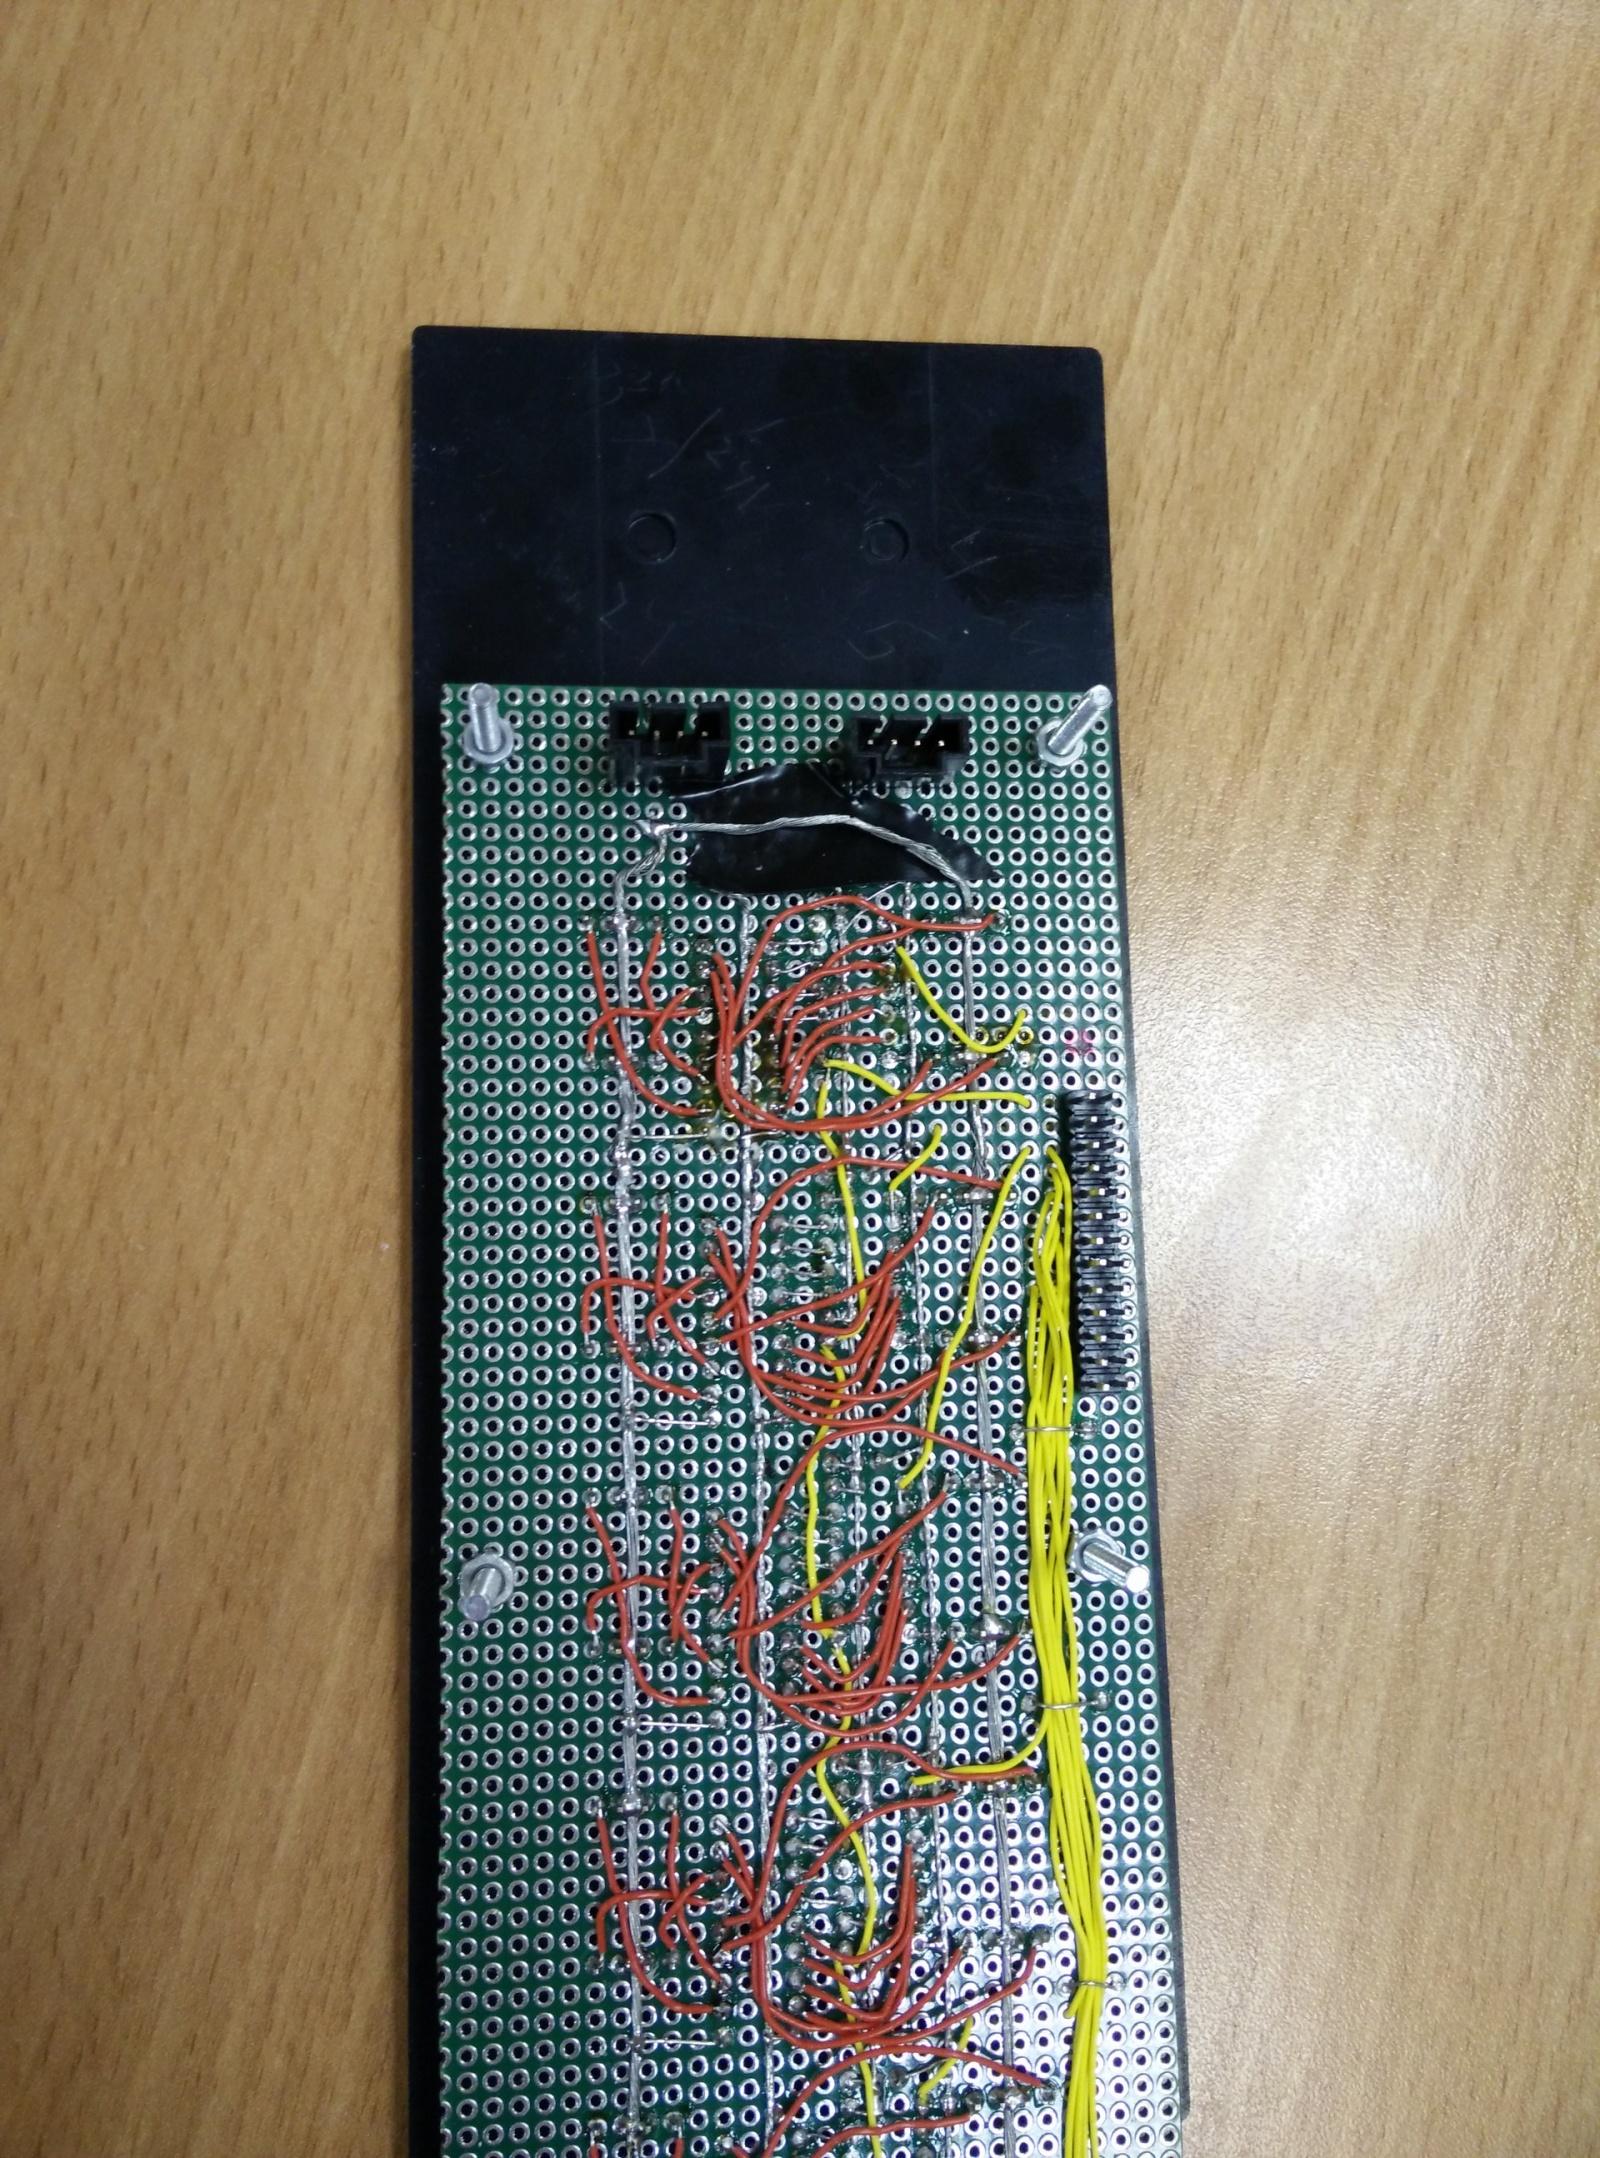 Как мы строили систему аварийной сигнализации дата-центра - 4